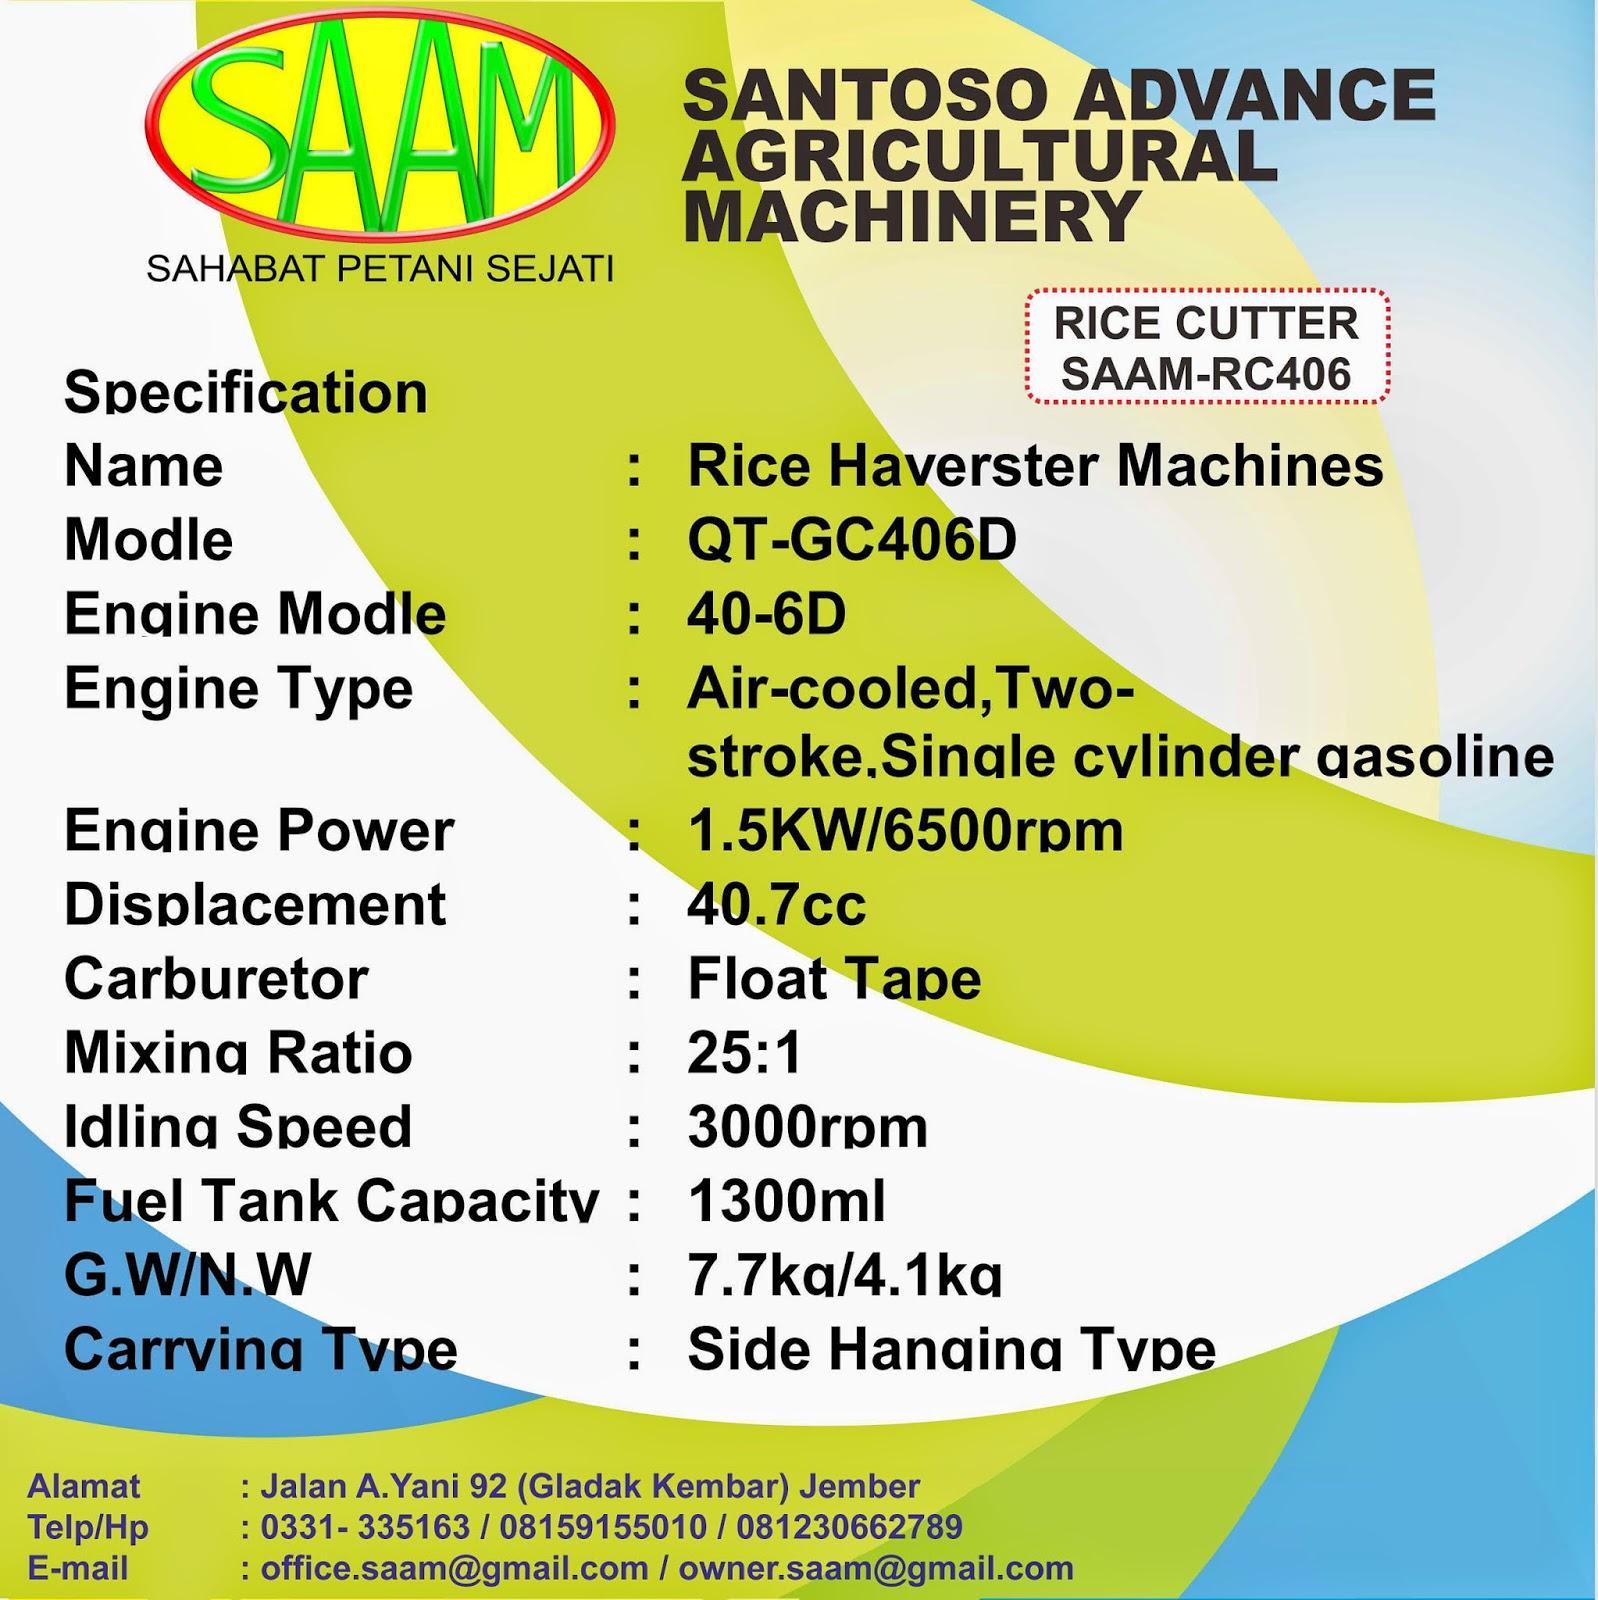 Pemotog Batang Padi Rice Cutter Saam Rc 406 Santoso Advance Paket Tudung 1 Pisau Dan Gearcase Klik Untuk Memperbesar